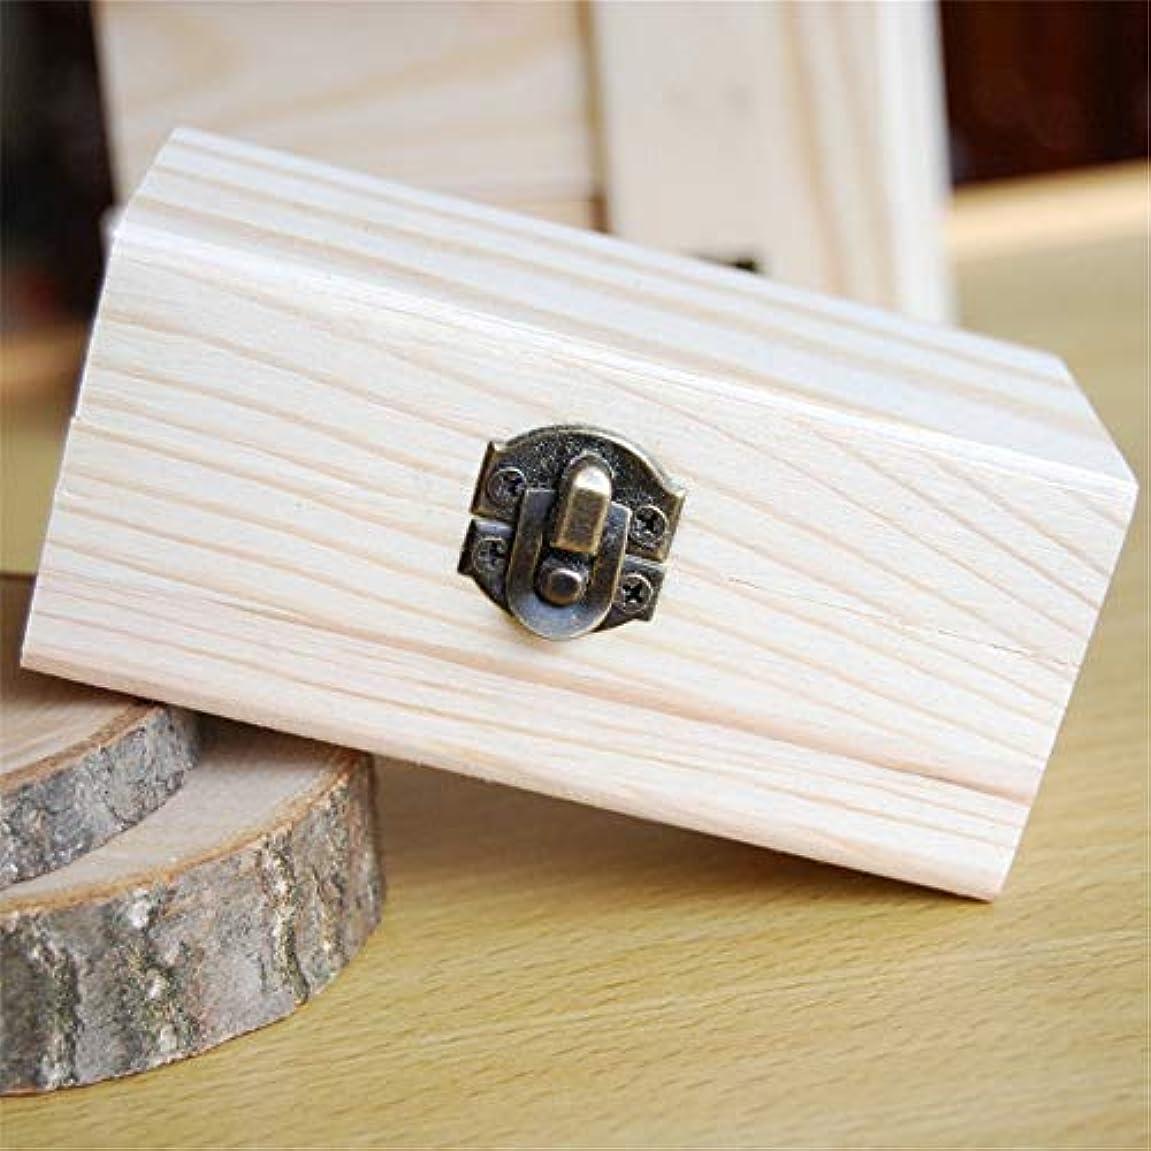 気をつけて耐えられない祭りエッセンシャルオイルストレージボックス 品質の木製エッセンシャルオイルストレージボックス安全に油を維持するためのベスト 旅行およびプレゼンテーション用 (色 : Natural, サイズ : 10X6X5CM)